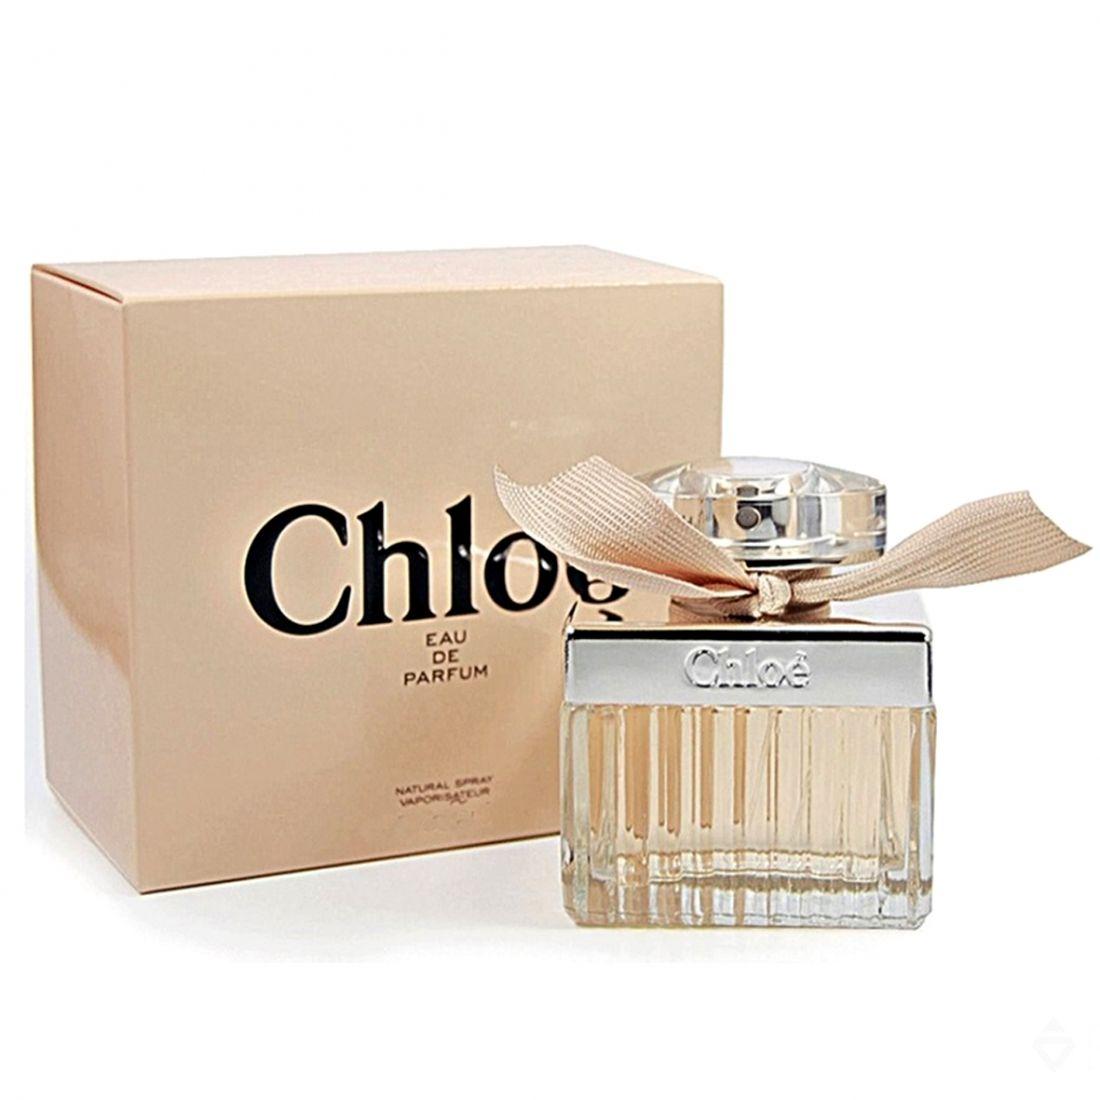 Chloe - Chloe Eua De Parfum, 50 ml